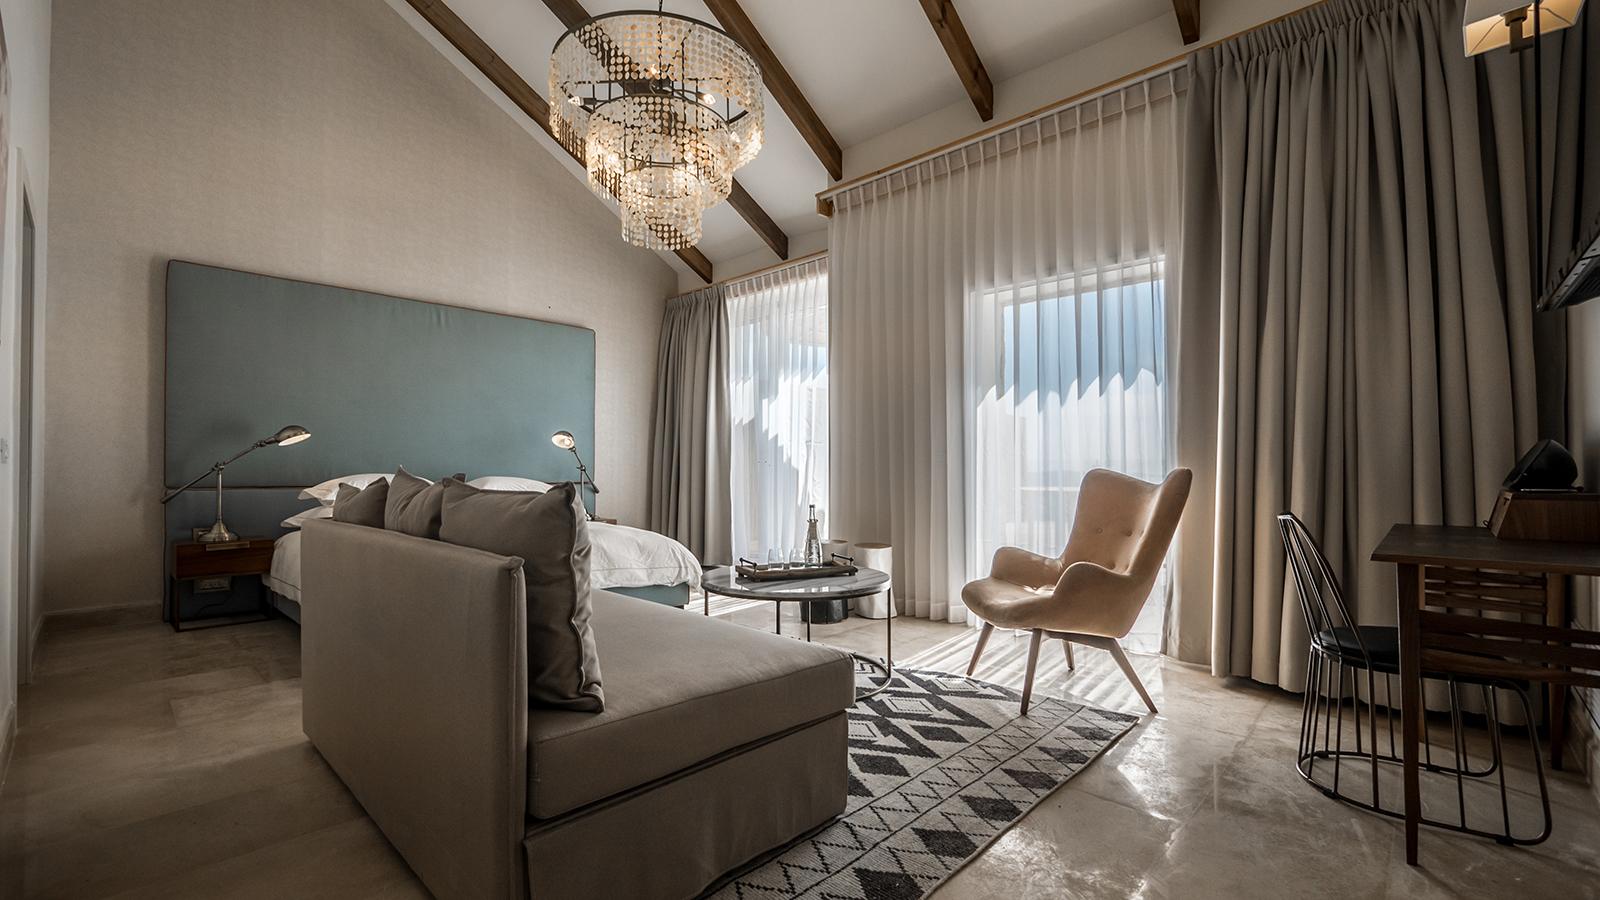 מלון גורדוניה, רן & מוריס אדריכלים. צילום: איתי סיקולסקי